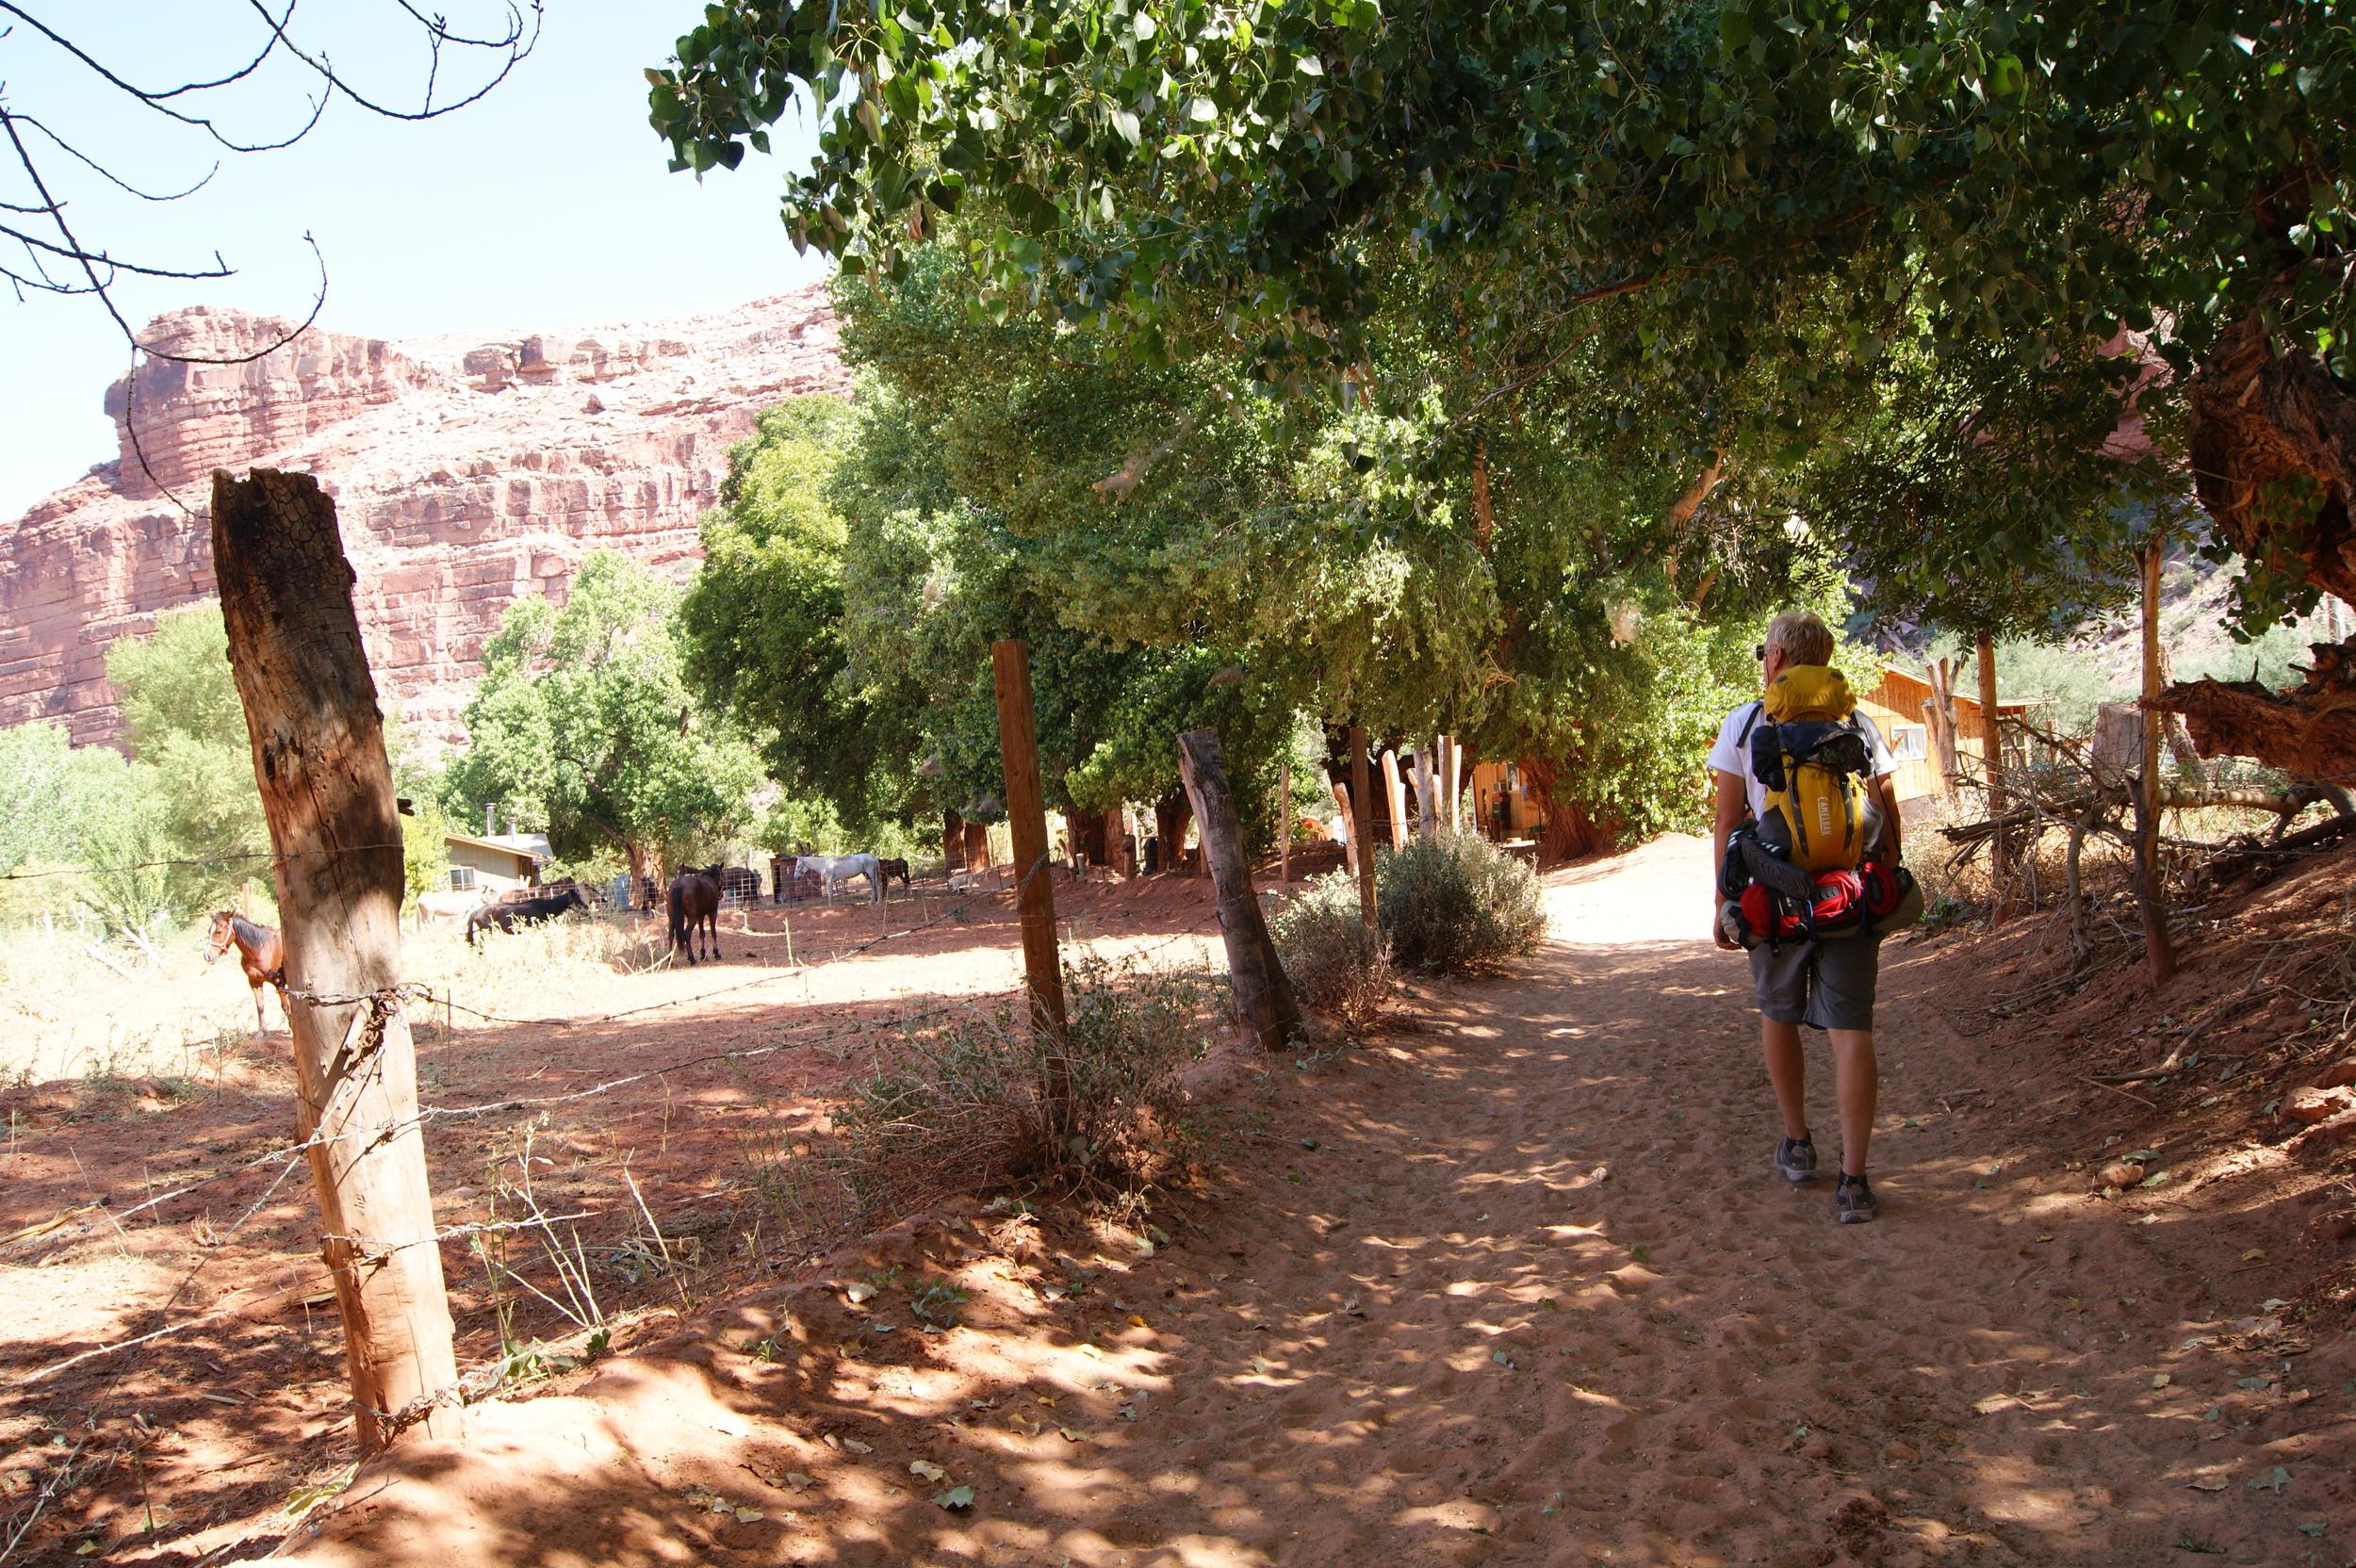 Entering the Havasu village